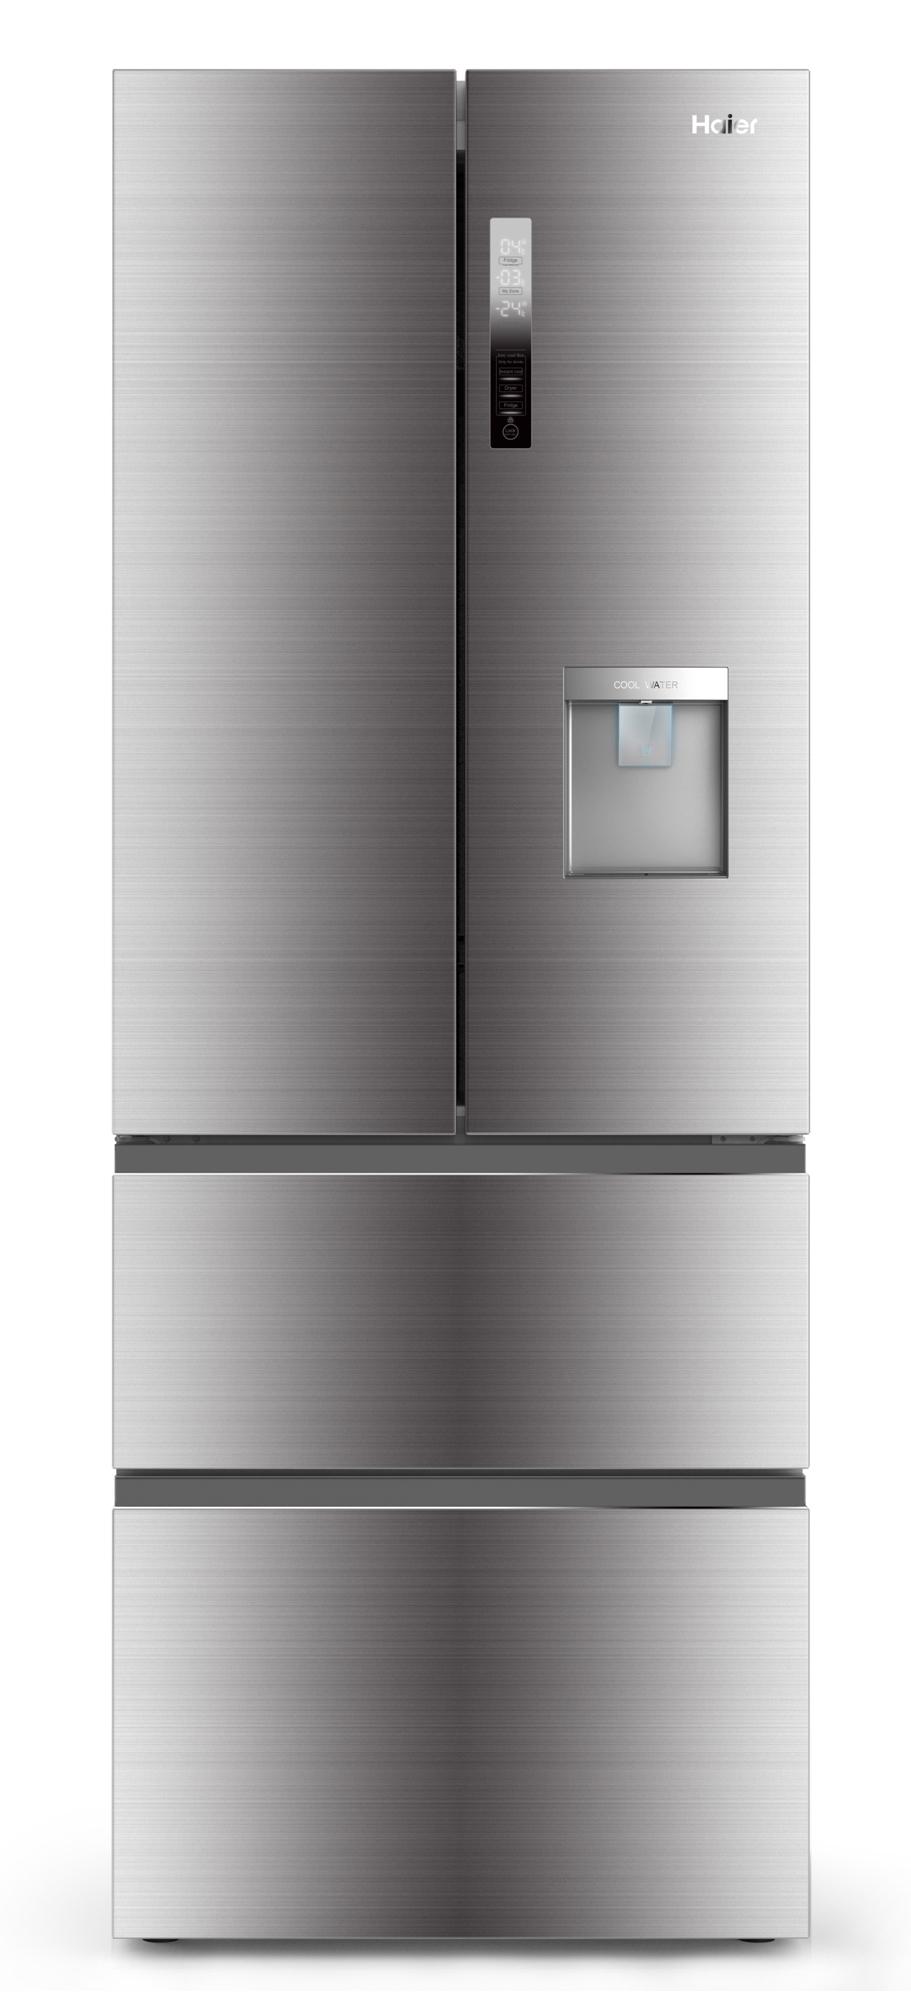 Kühlschrank 80 Cm : haier nofrost french door k hl gefrierkombination b3fe 742cmjw k hlschrank a ebay ~ Yasmunasinghe.com Haus und Dekorationen